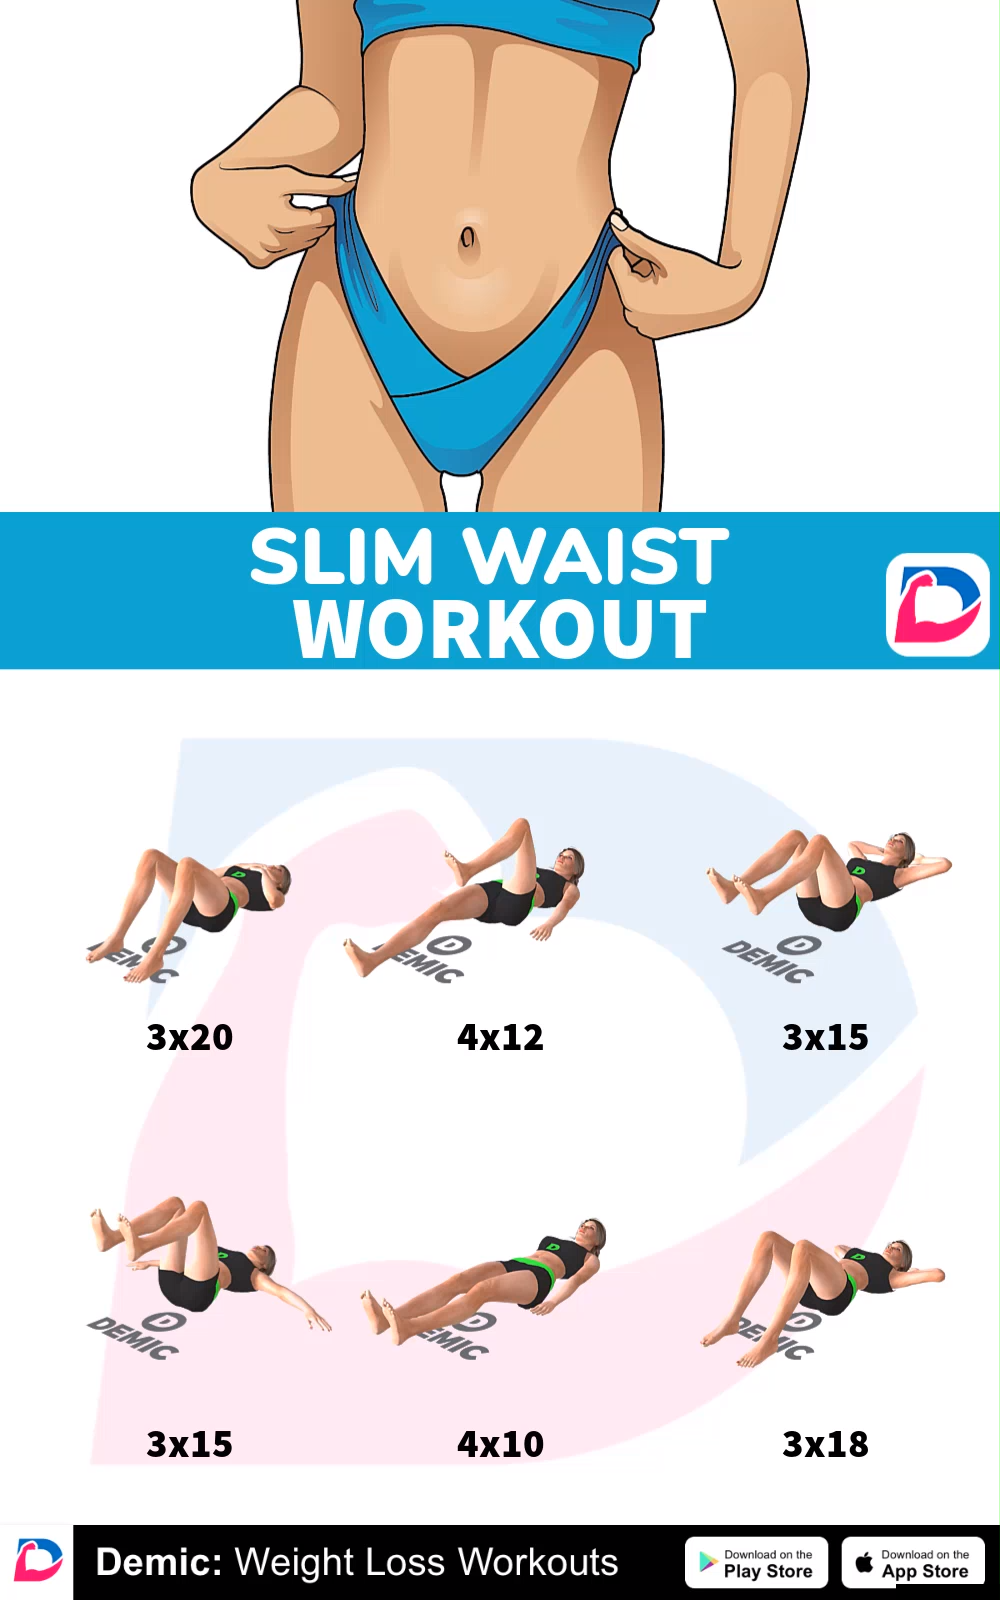 Slim Waist Workout  #gymworkouts #bellyfat #fatburn #burnfat #weightlose #fitness #workout #demicapp